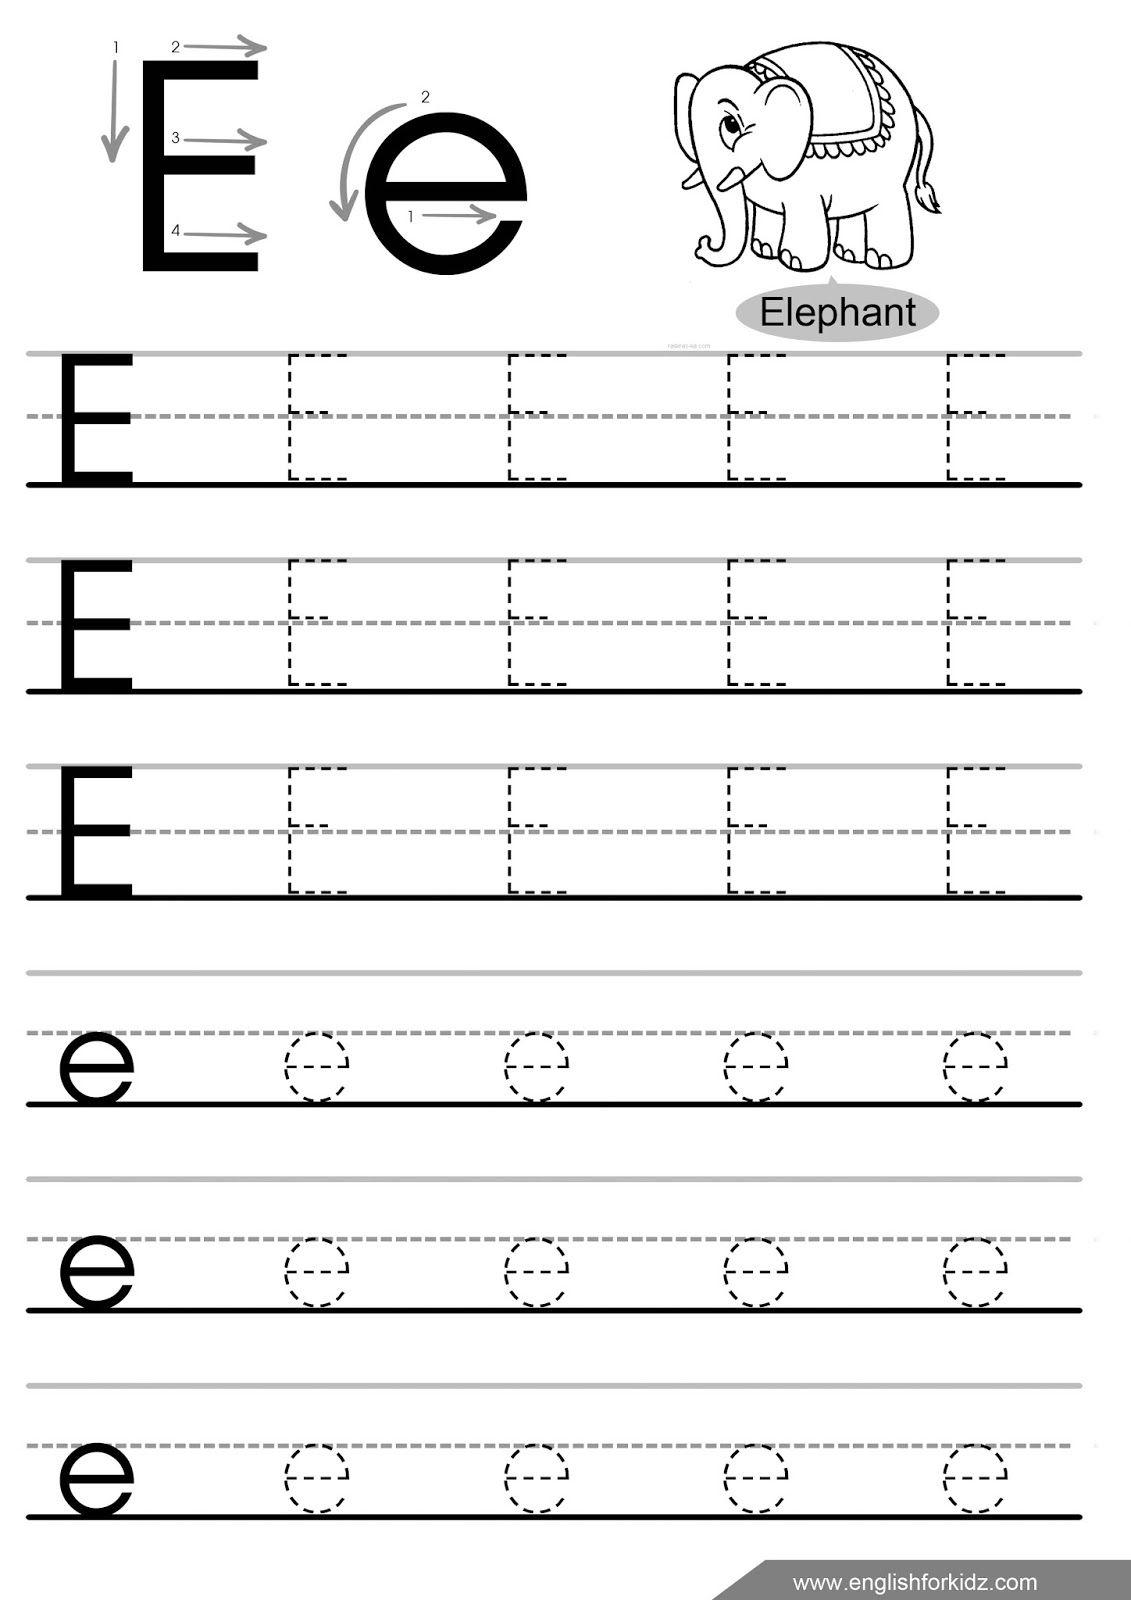 Letter Tracing Worksheets Letters A J | Letter Tracing within Alphabet Tracing Worksheets E